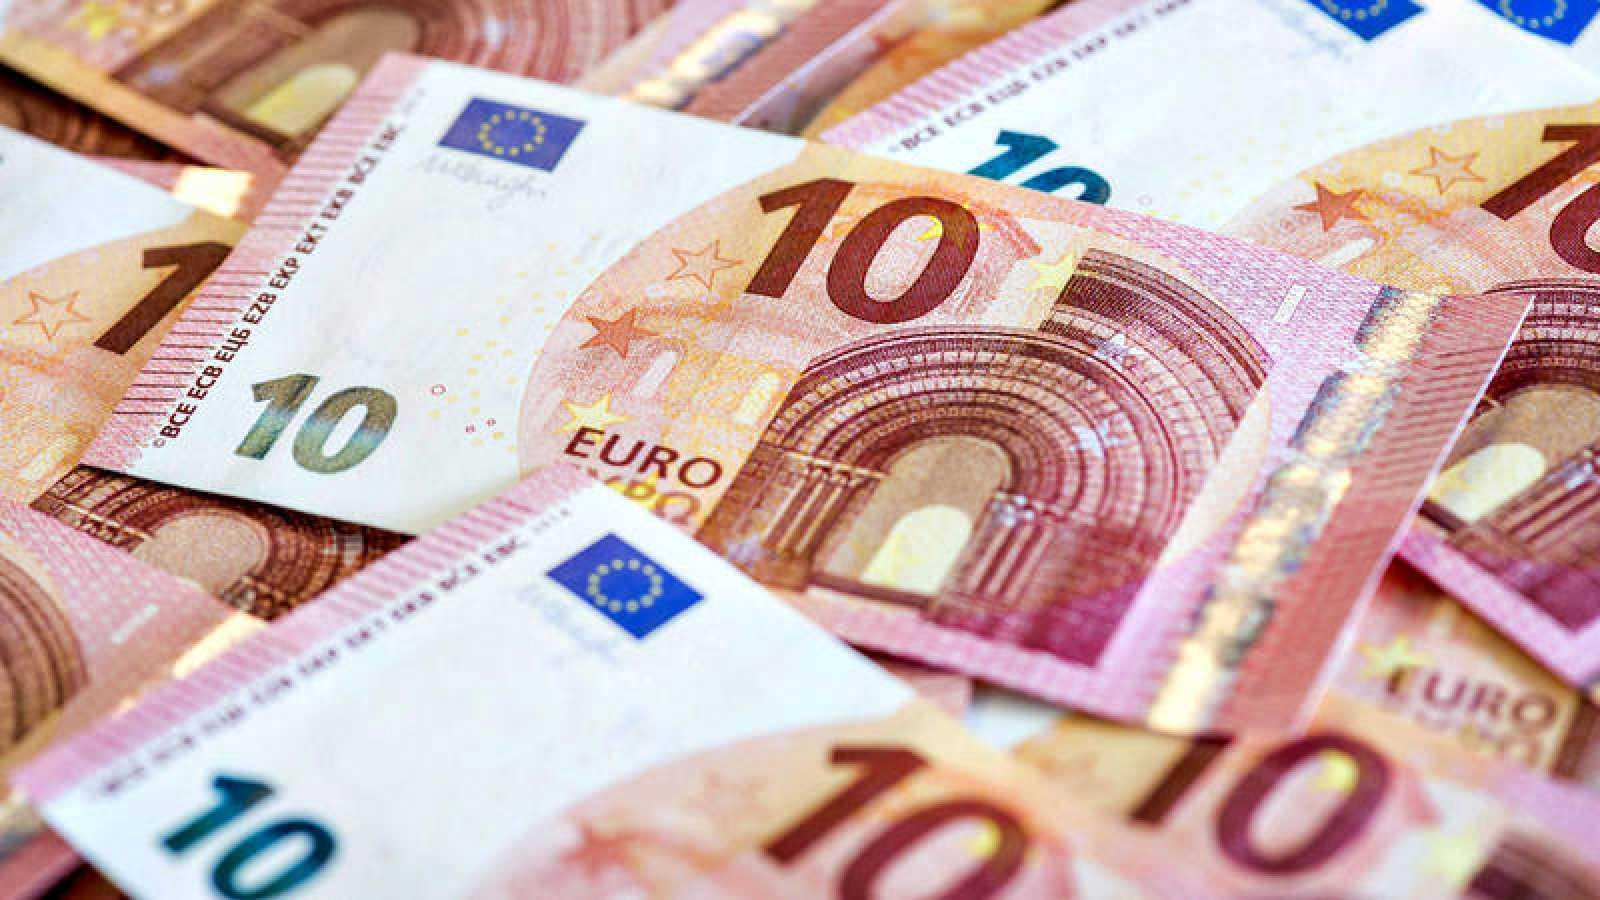 La deuda pública española ha vuelto a marcar récord